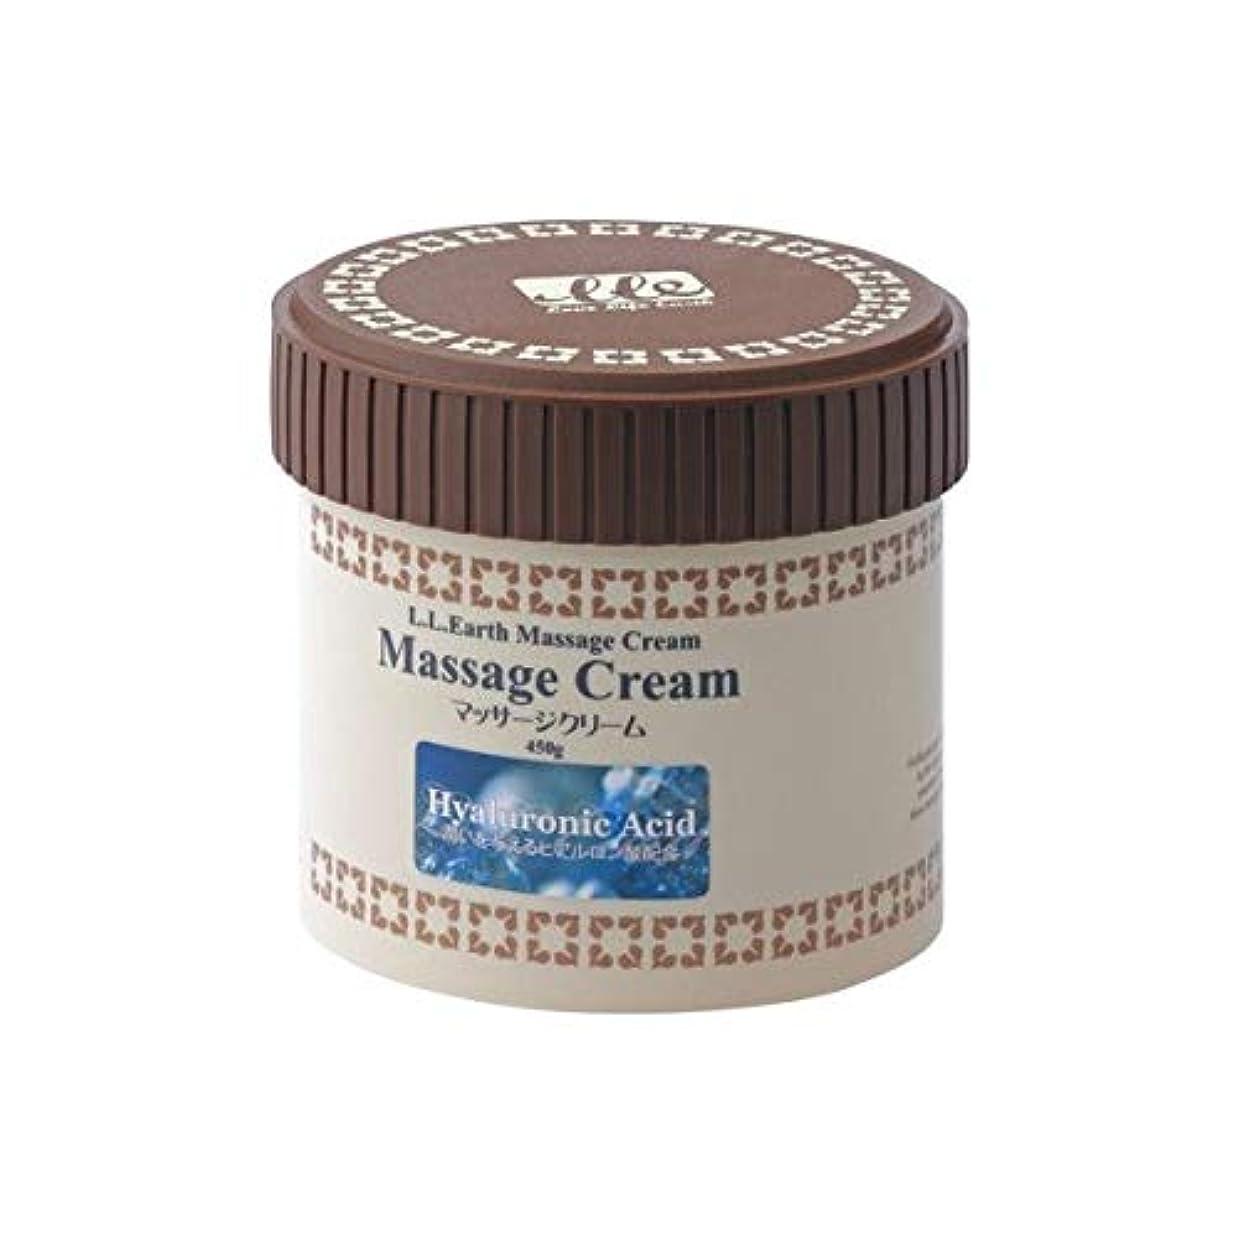 絞る医師元気なLLE ミネラルマッサージクリーム 業務用 450g (ヒアルロン酸) マッサージクリーム エステ用品 サロン用品 リラクゼーション